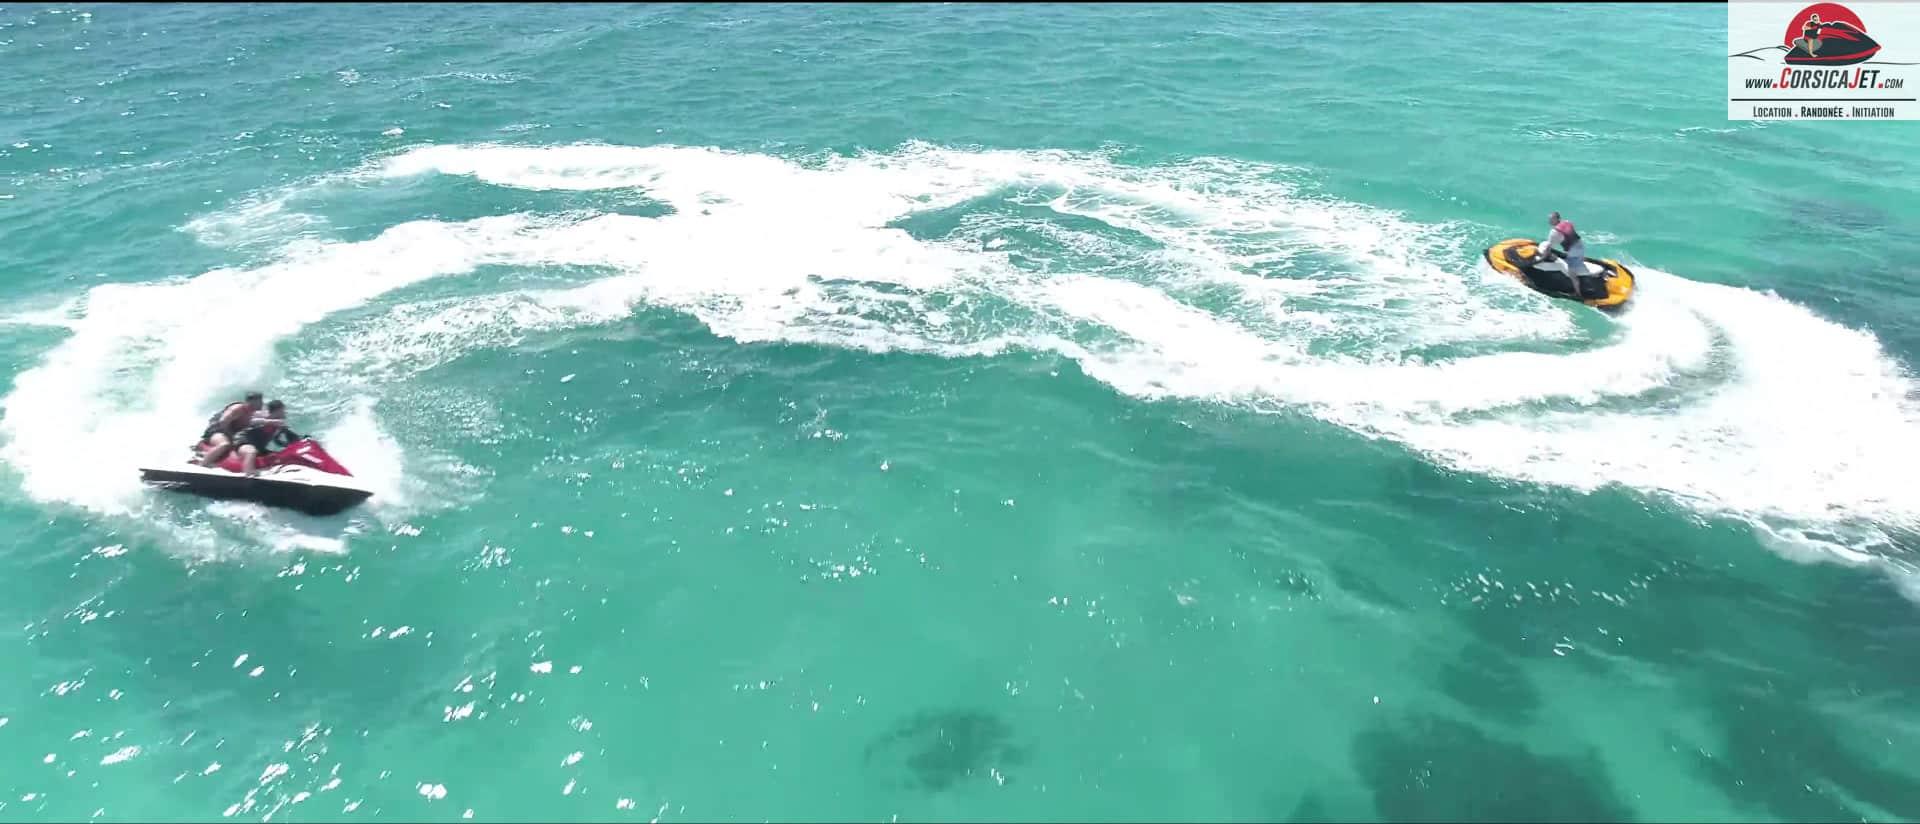 randonnee location corsica jet ski porto vecchio